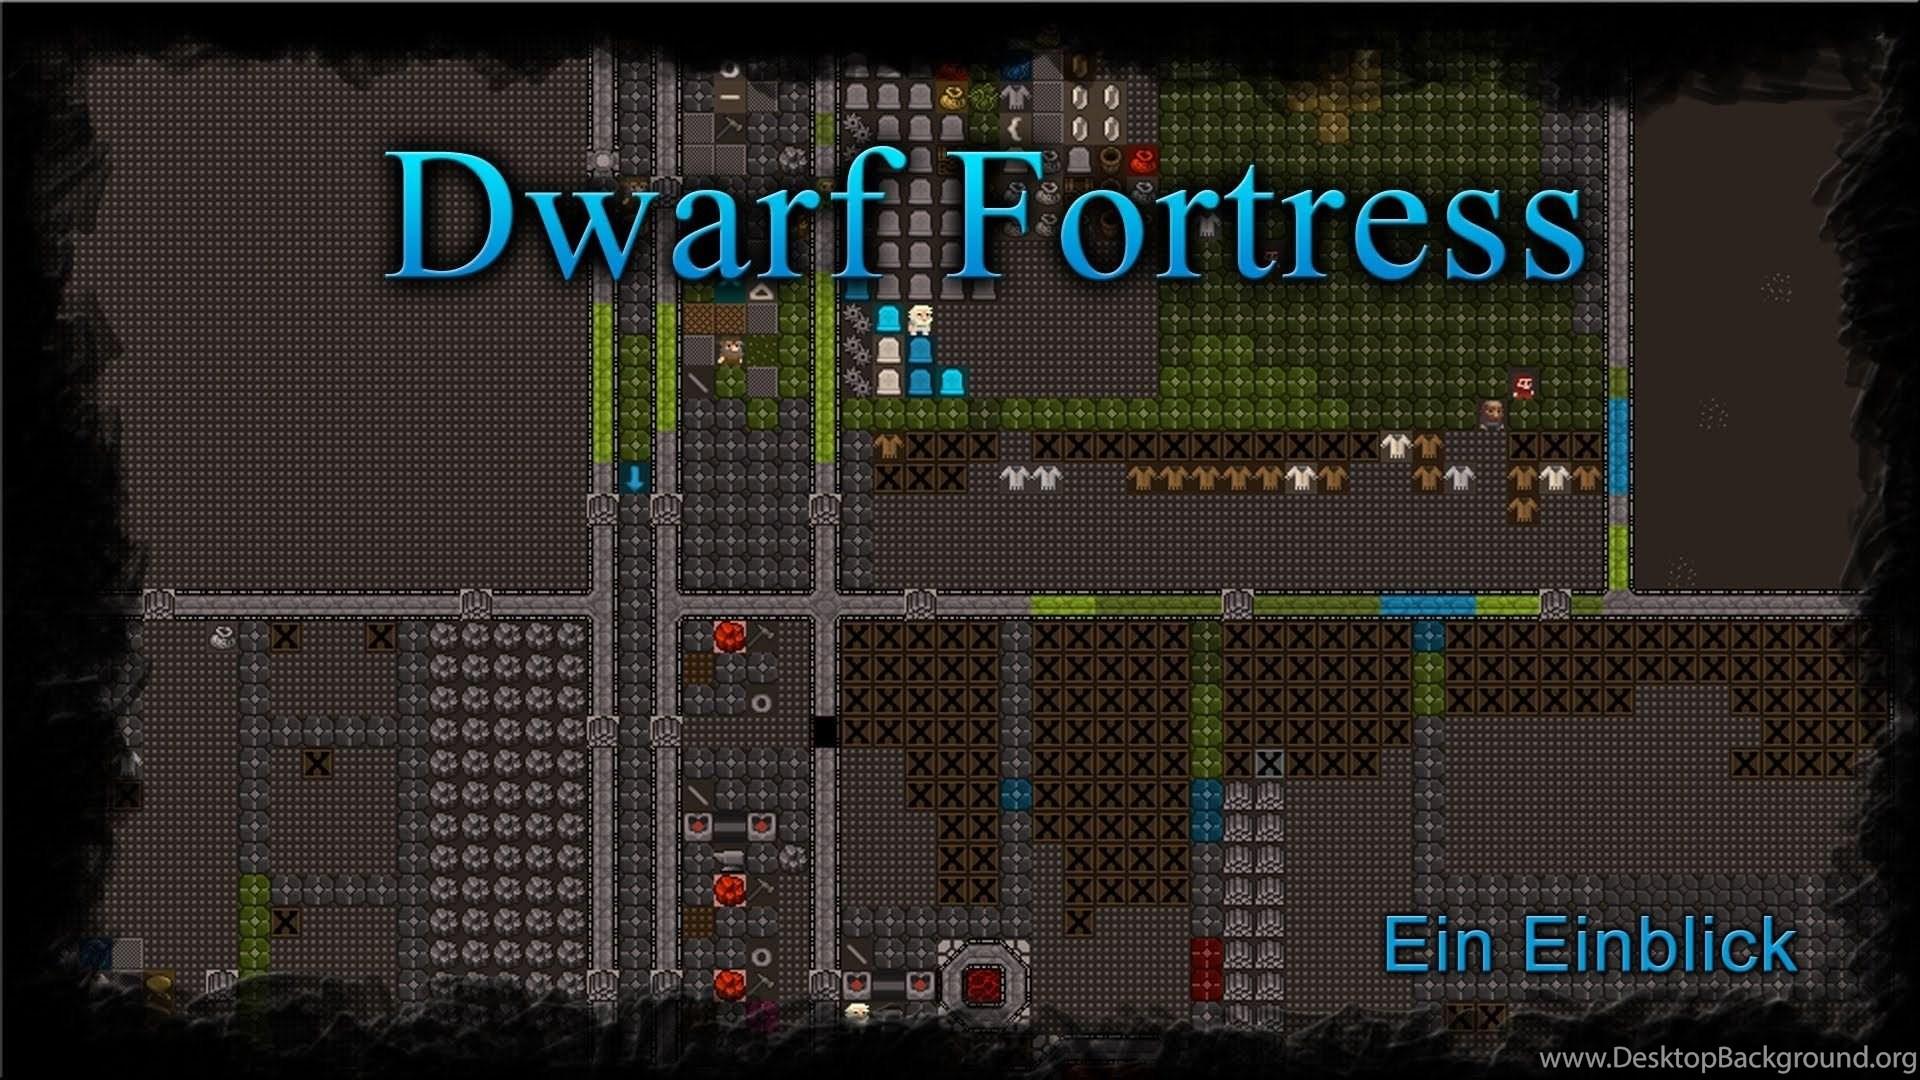 Dwarf Fortress Ein Einblick (Mayday Graphikset) YouTube